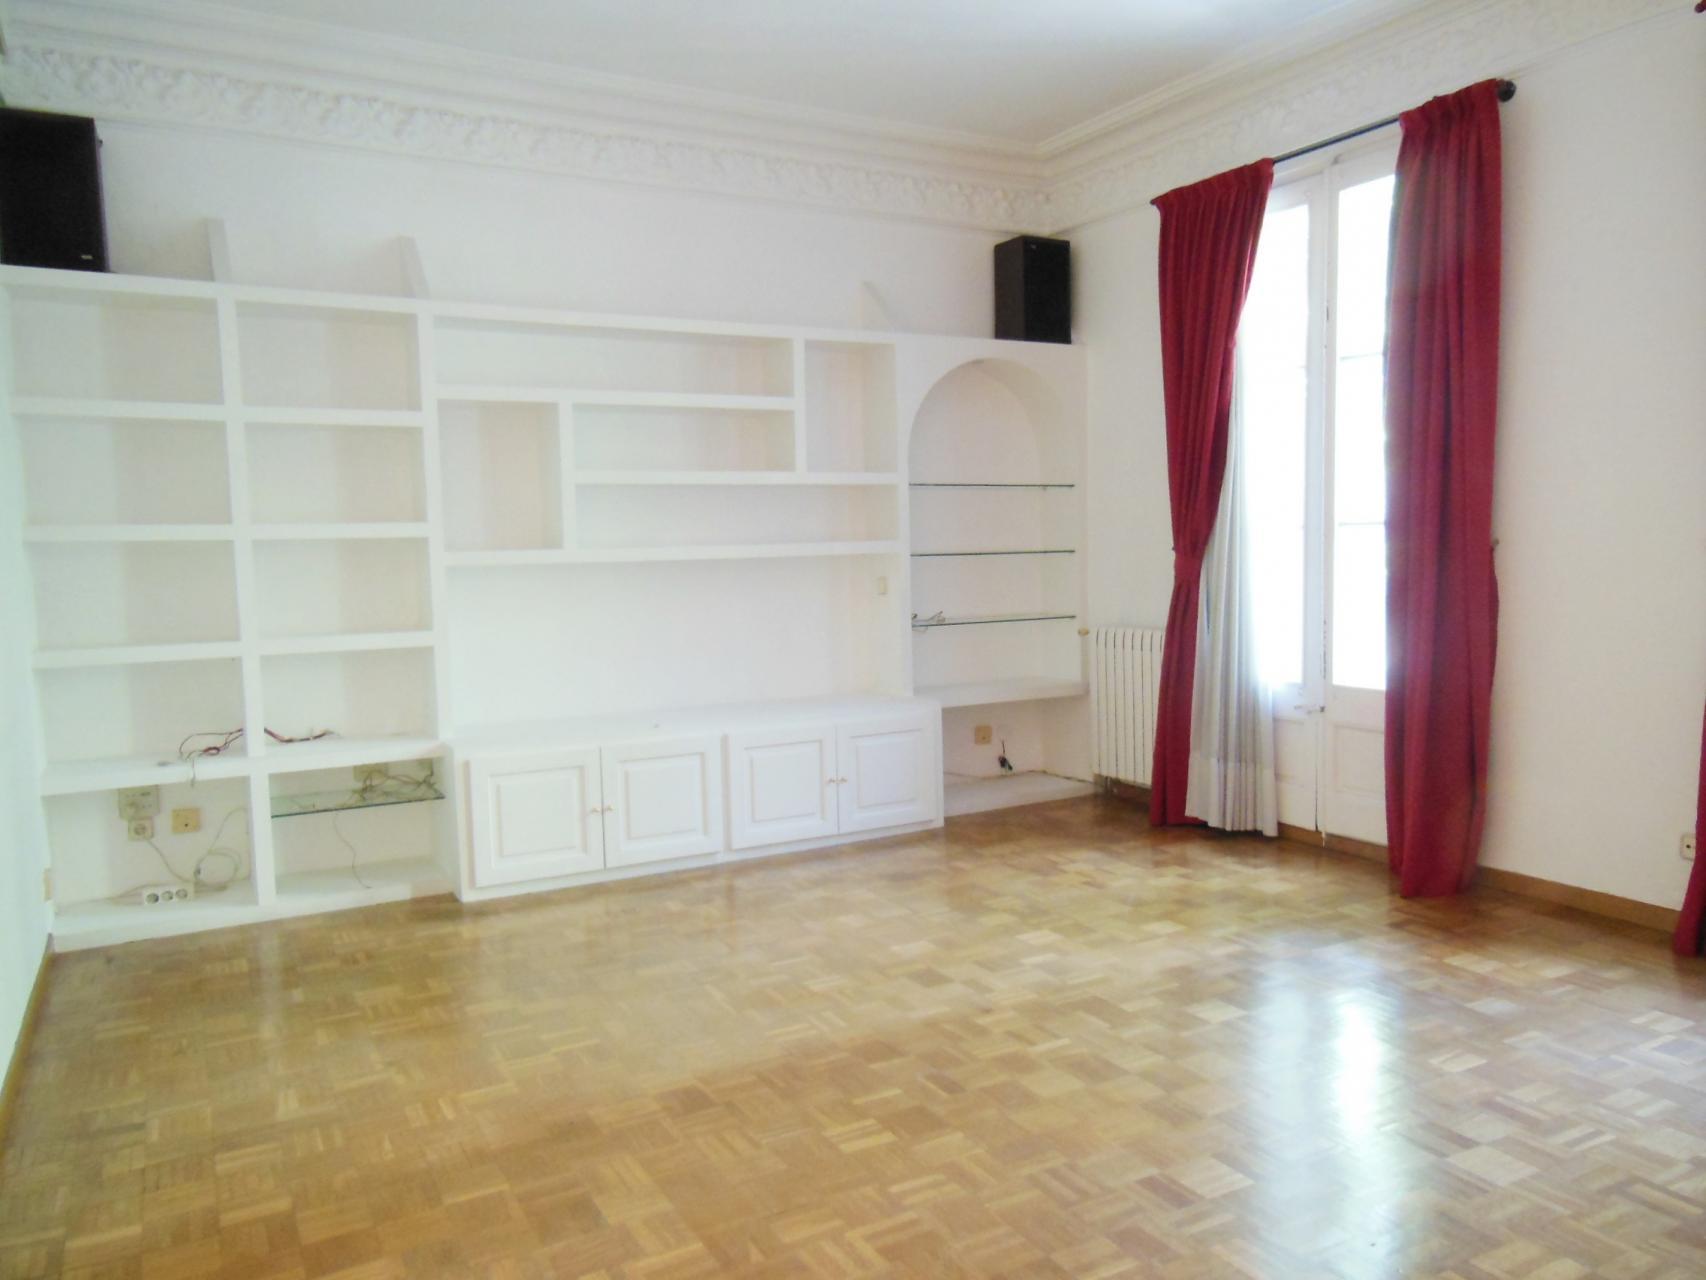 Grand Appartement En Location Longue Dur E